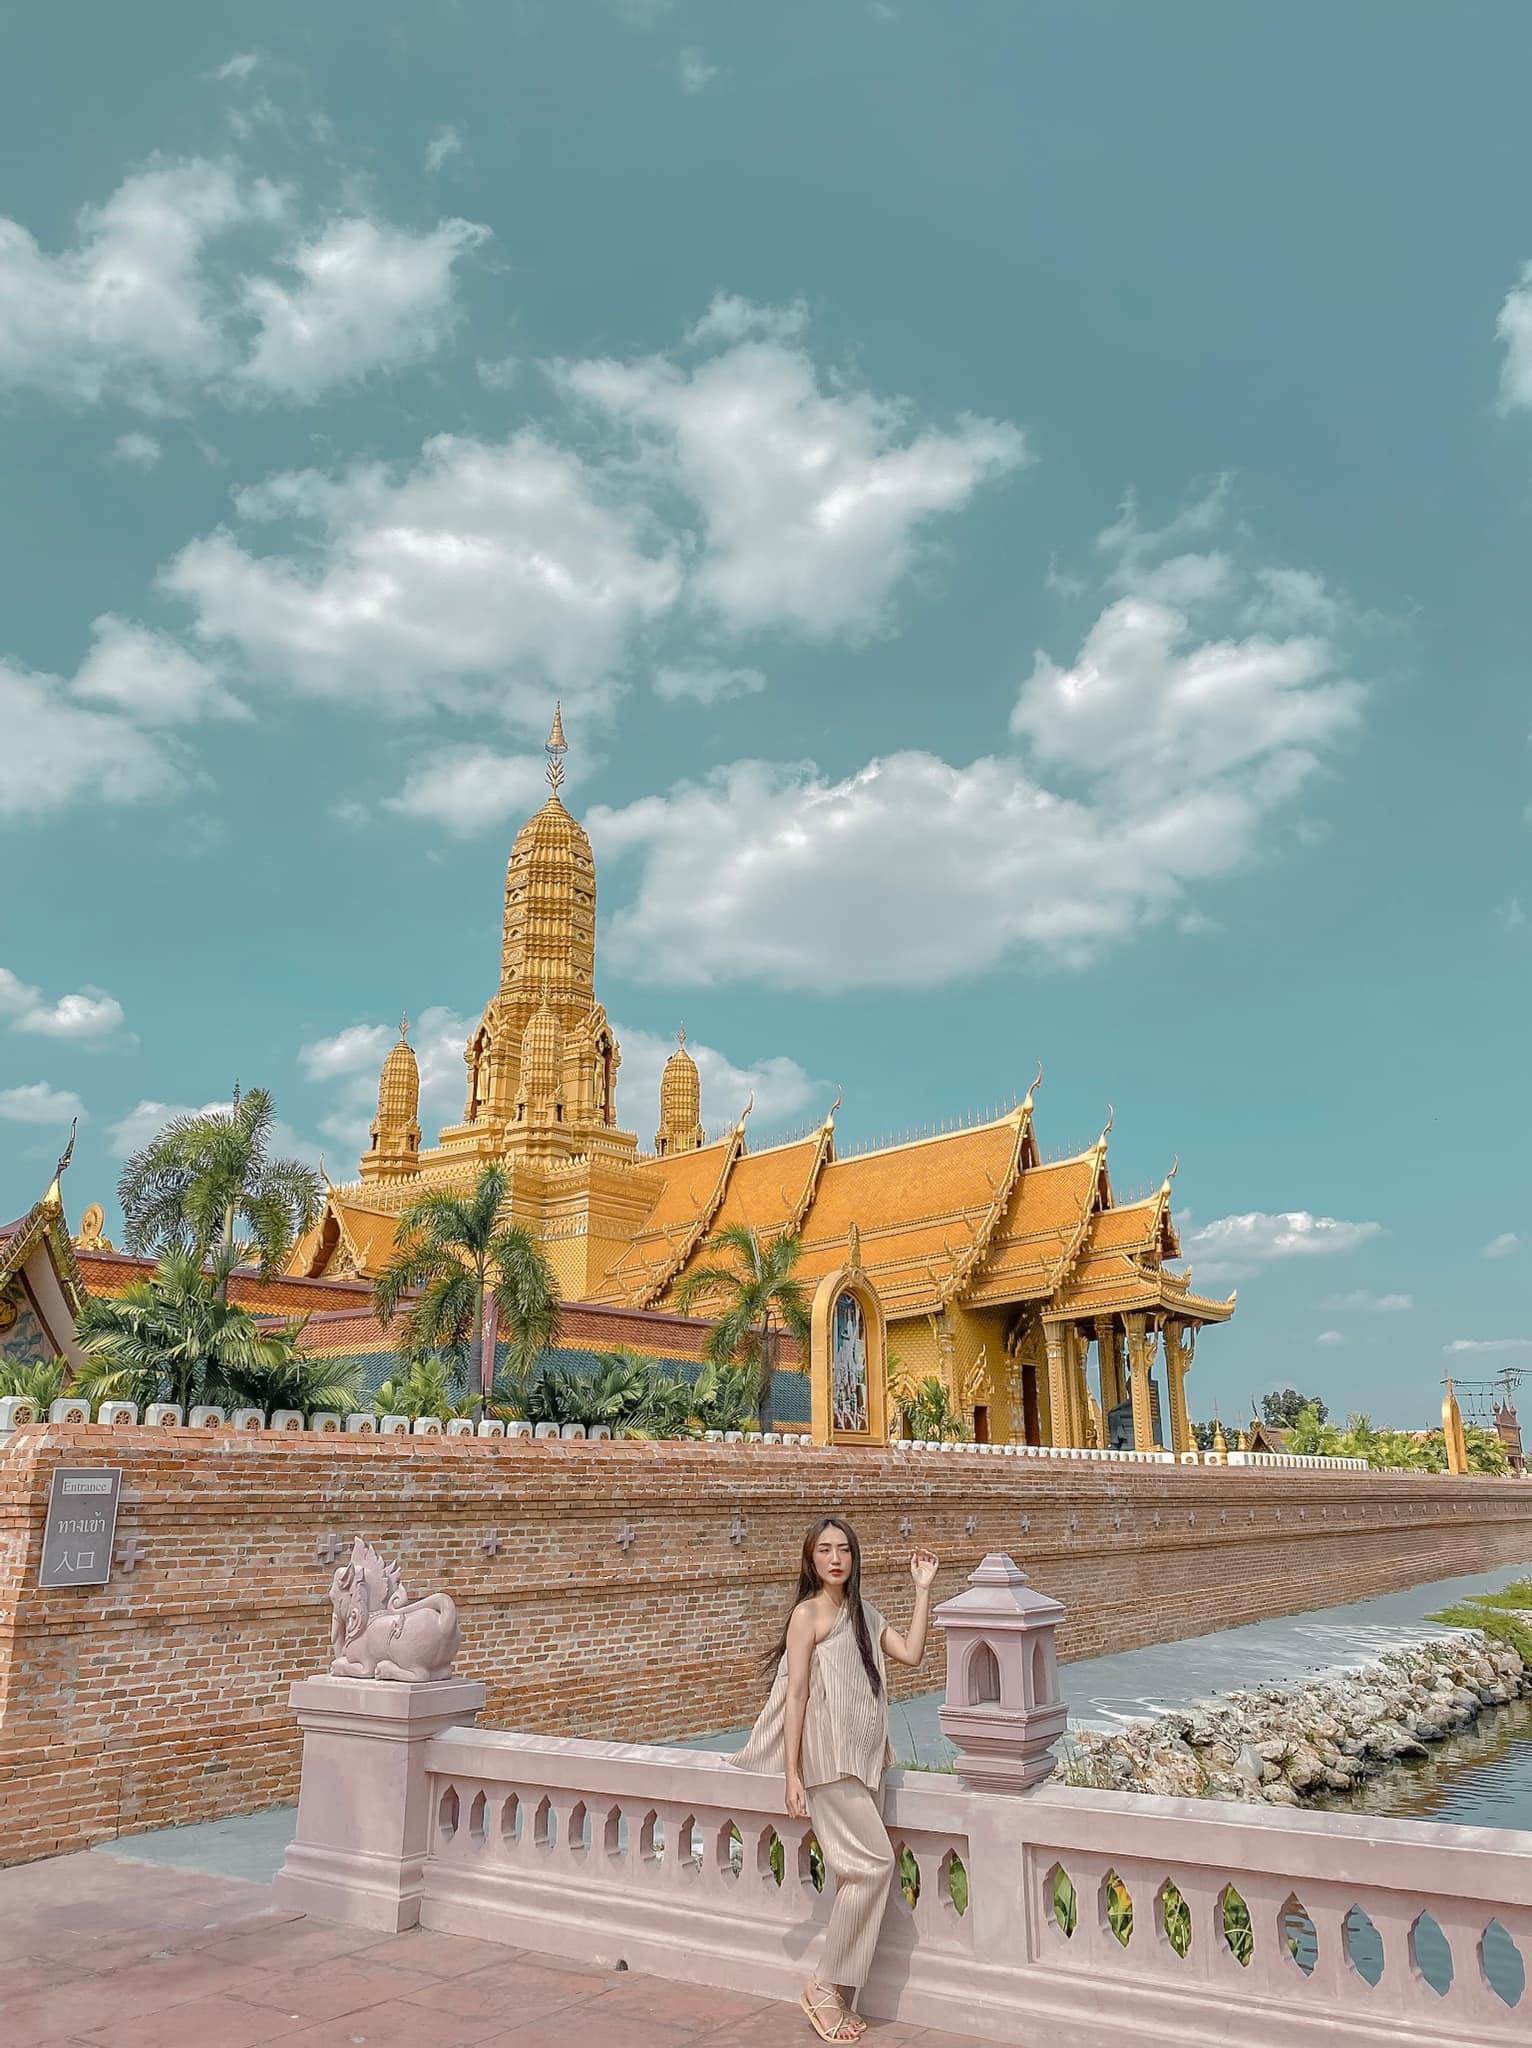 Thái Lan. ravelholic Lý Anh Thư, dulichchat, du lịch chất, blog du lịch, tuân cuồng chân blogger